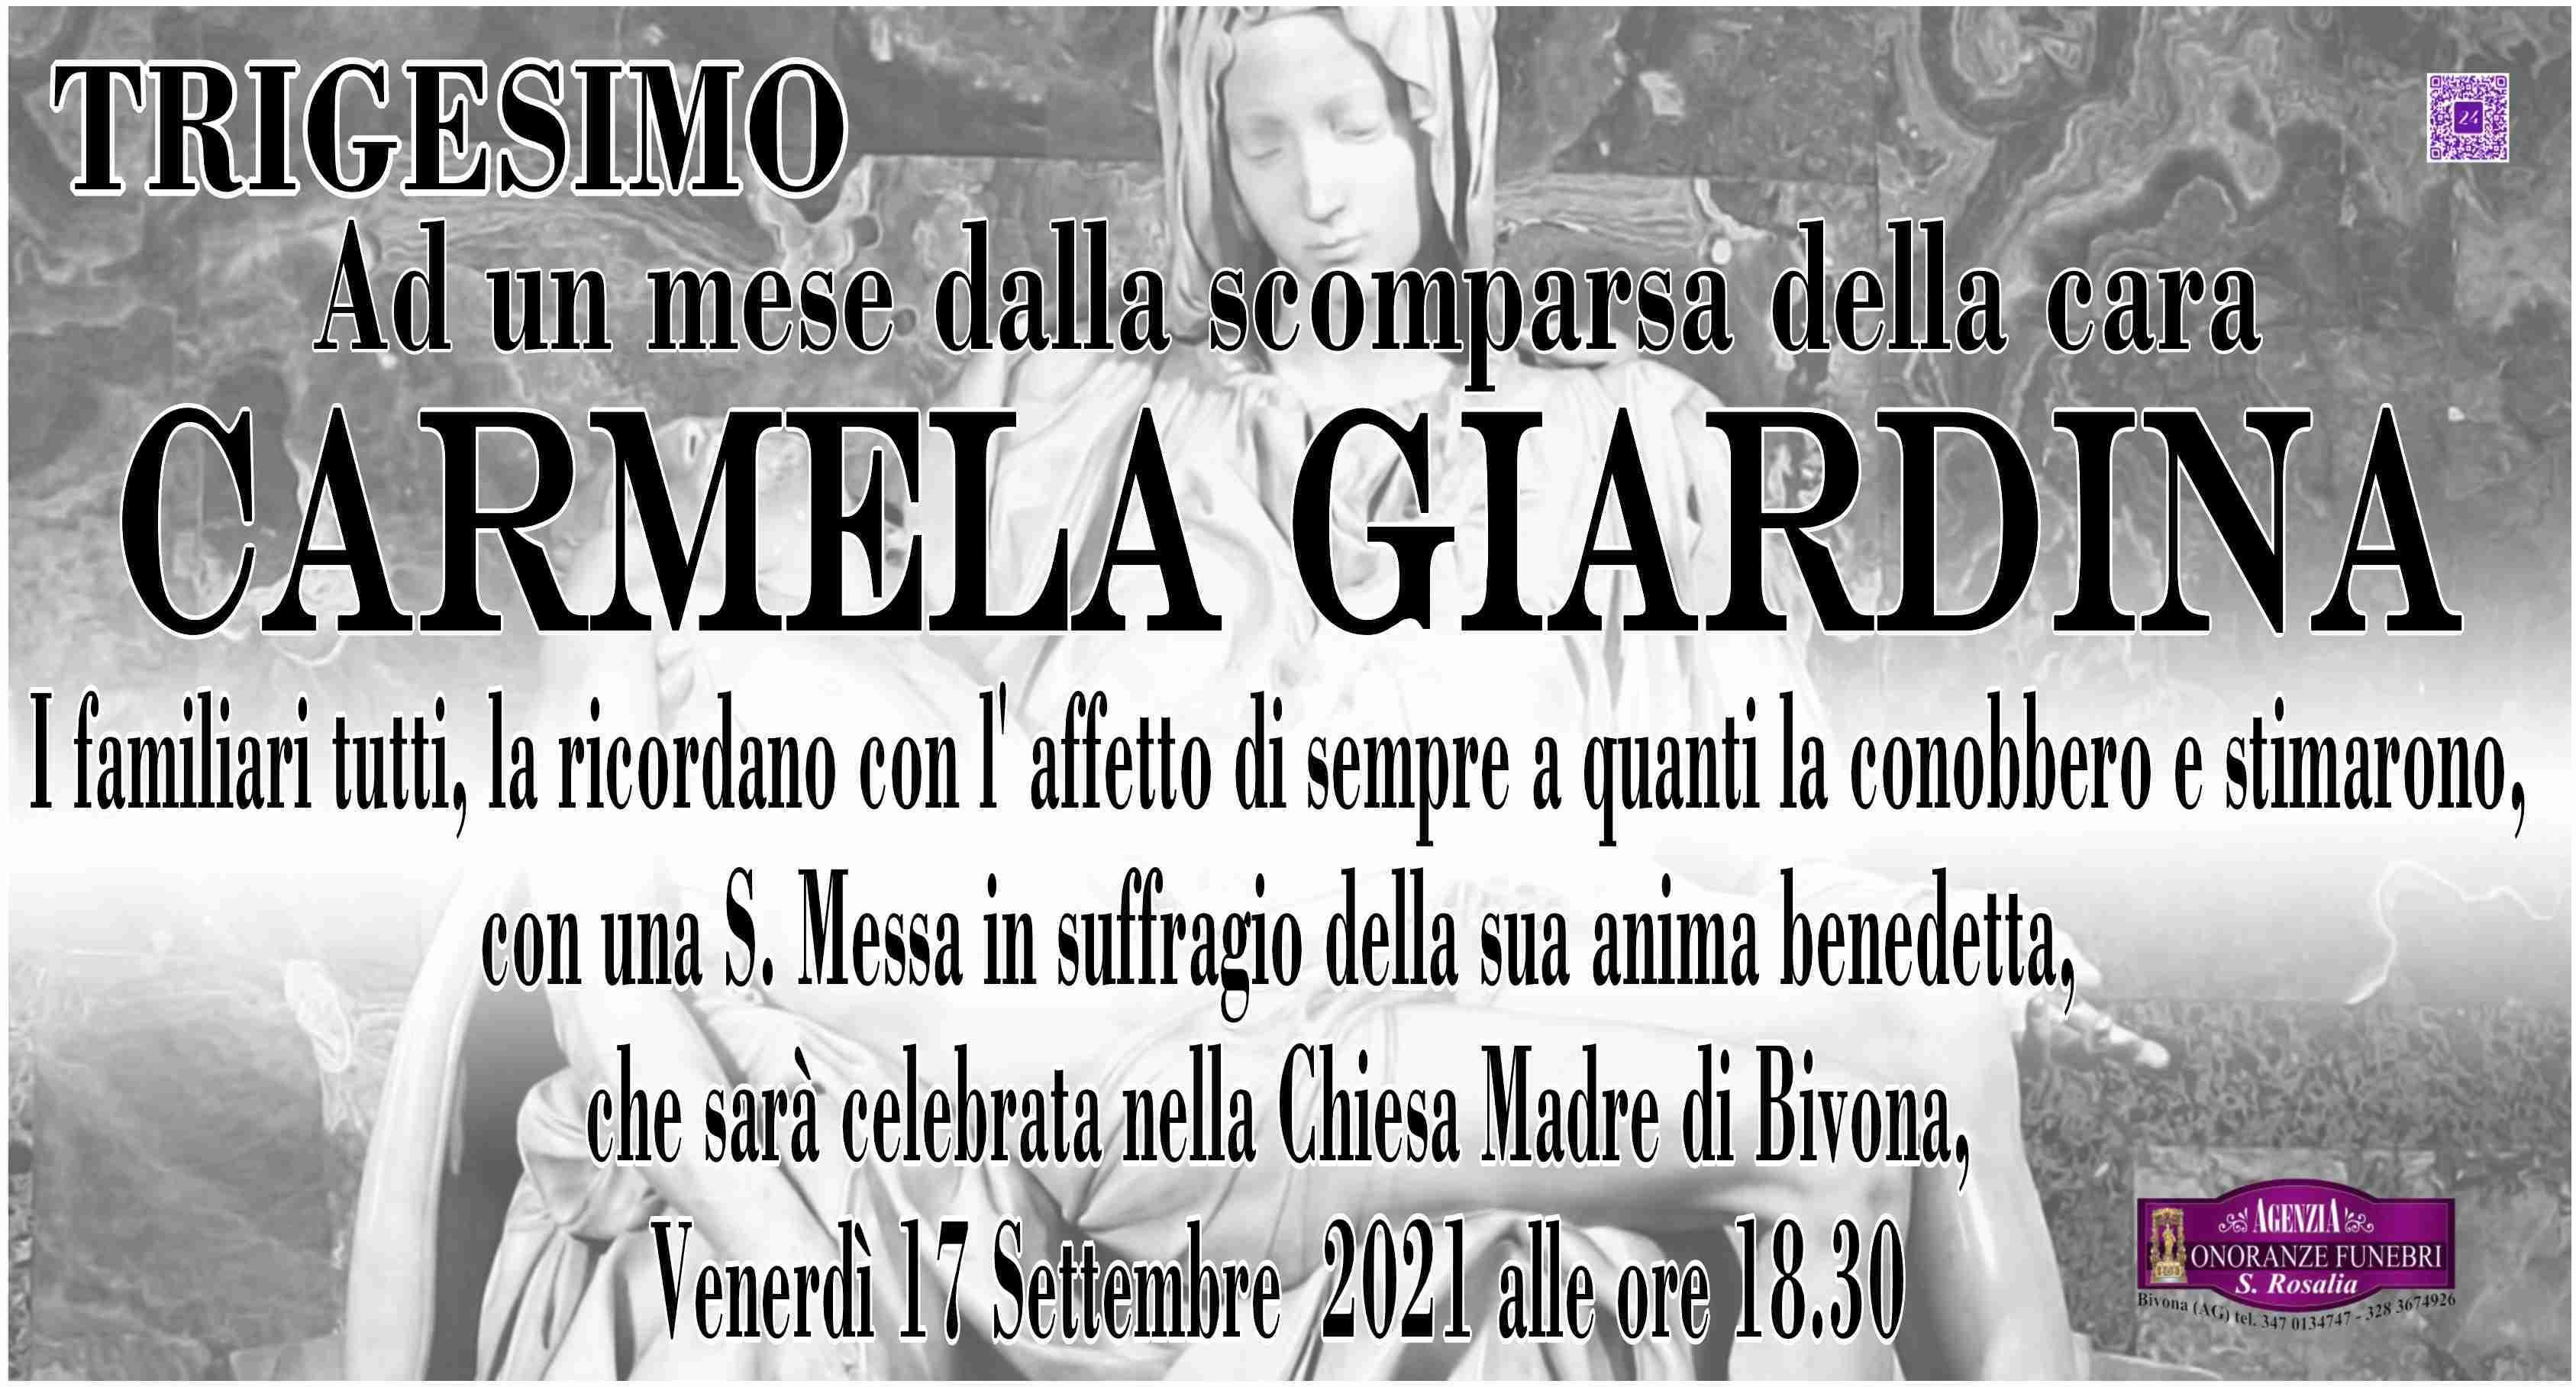 Carmela Giardina